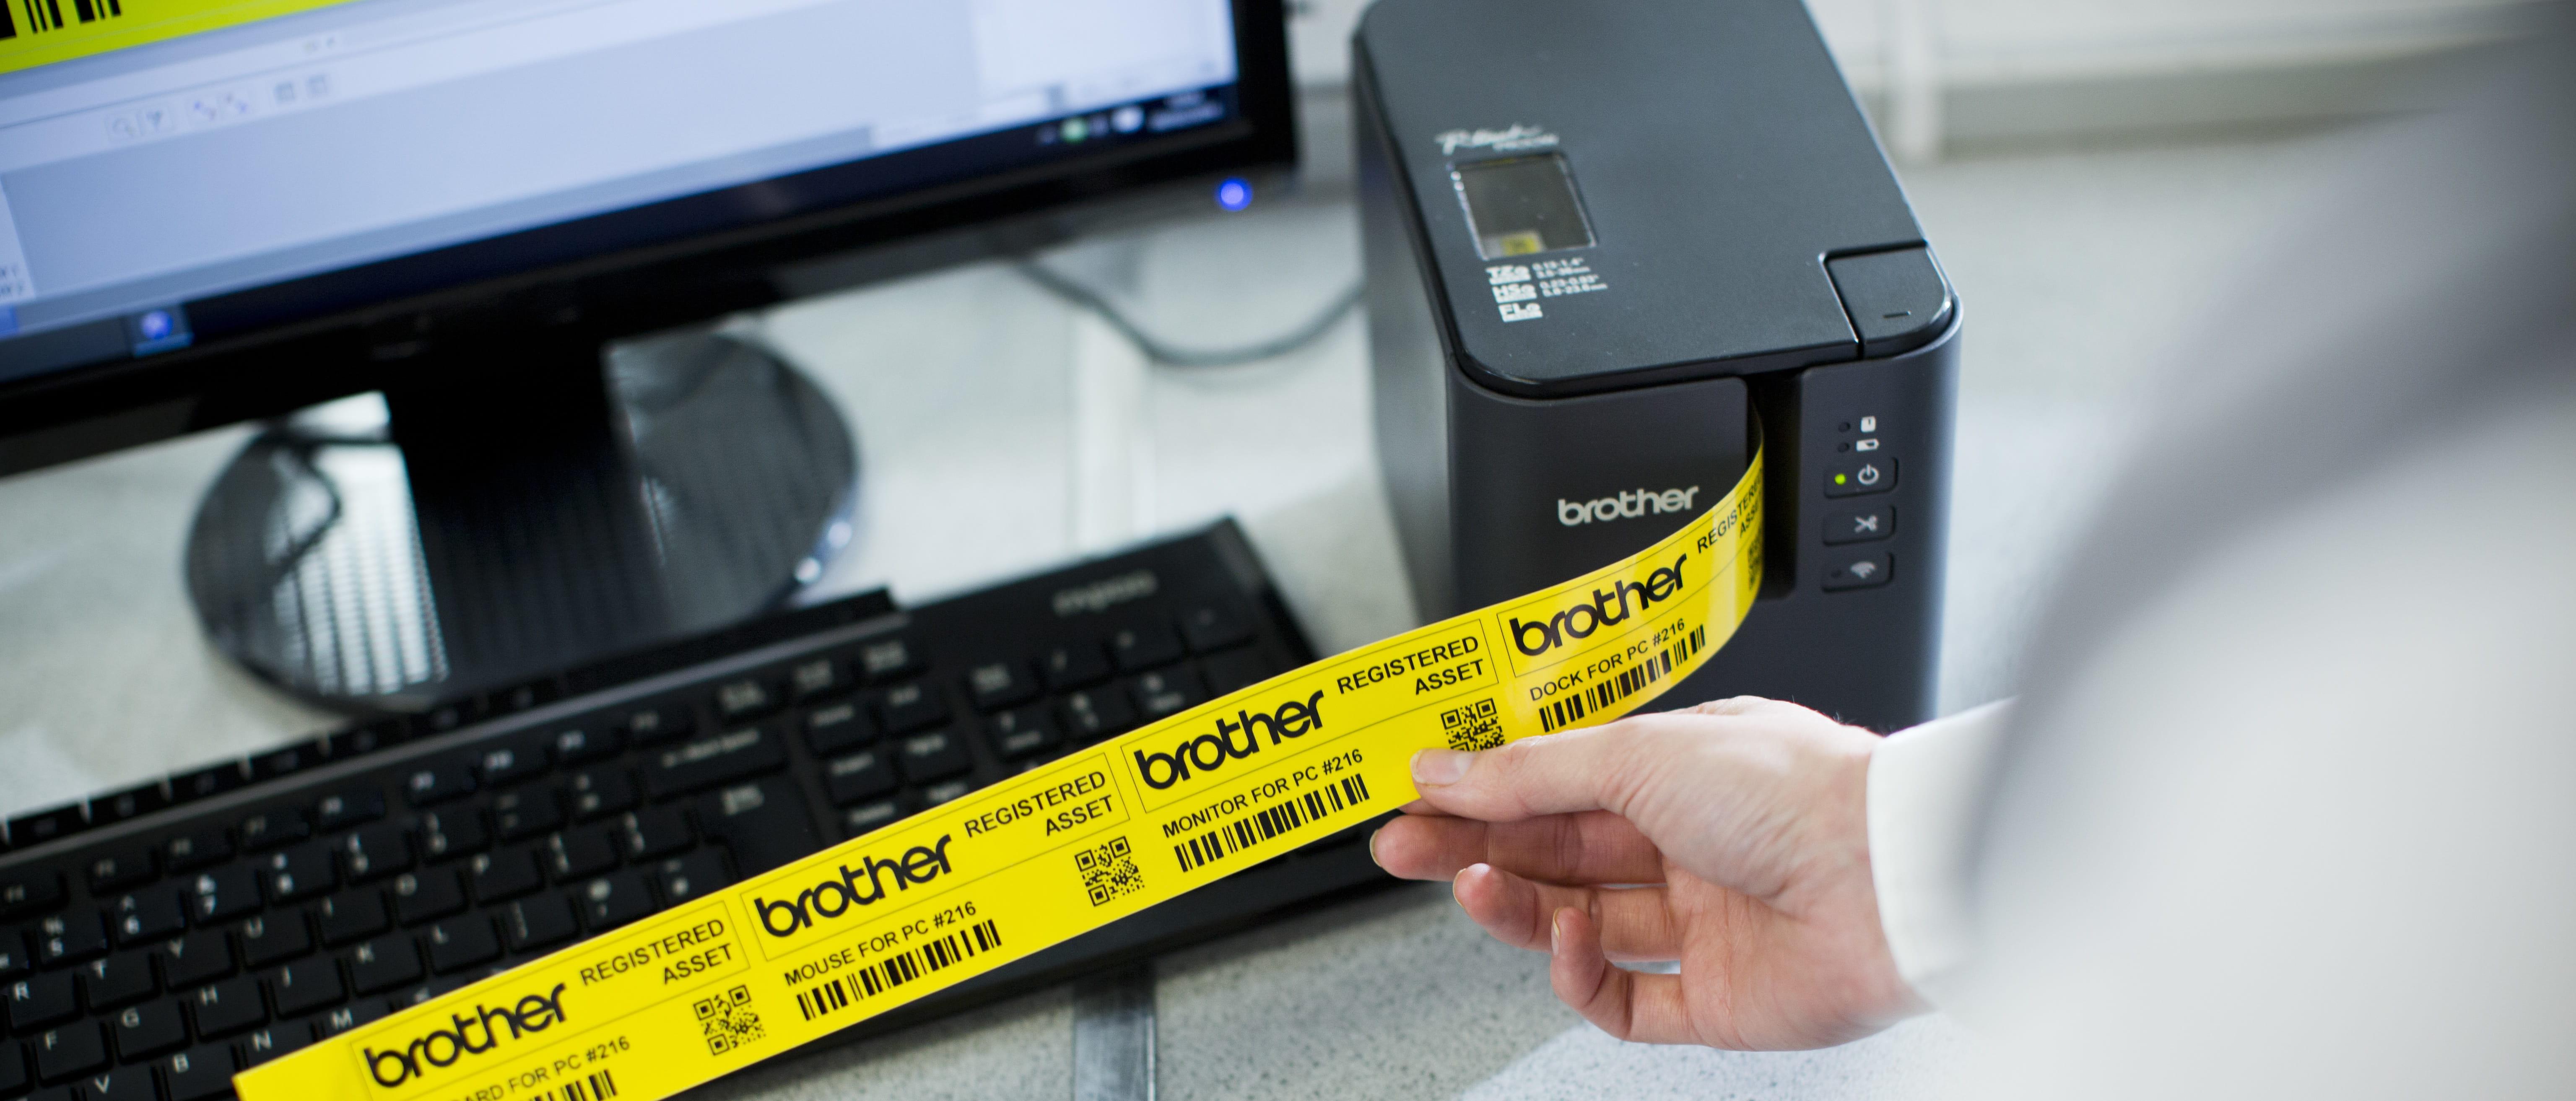 P-touch P900W tlačiareň so žltým vytlačeným štítkom